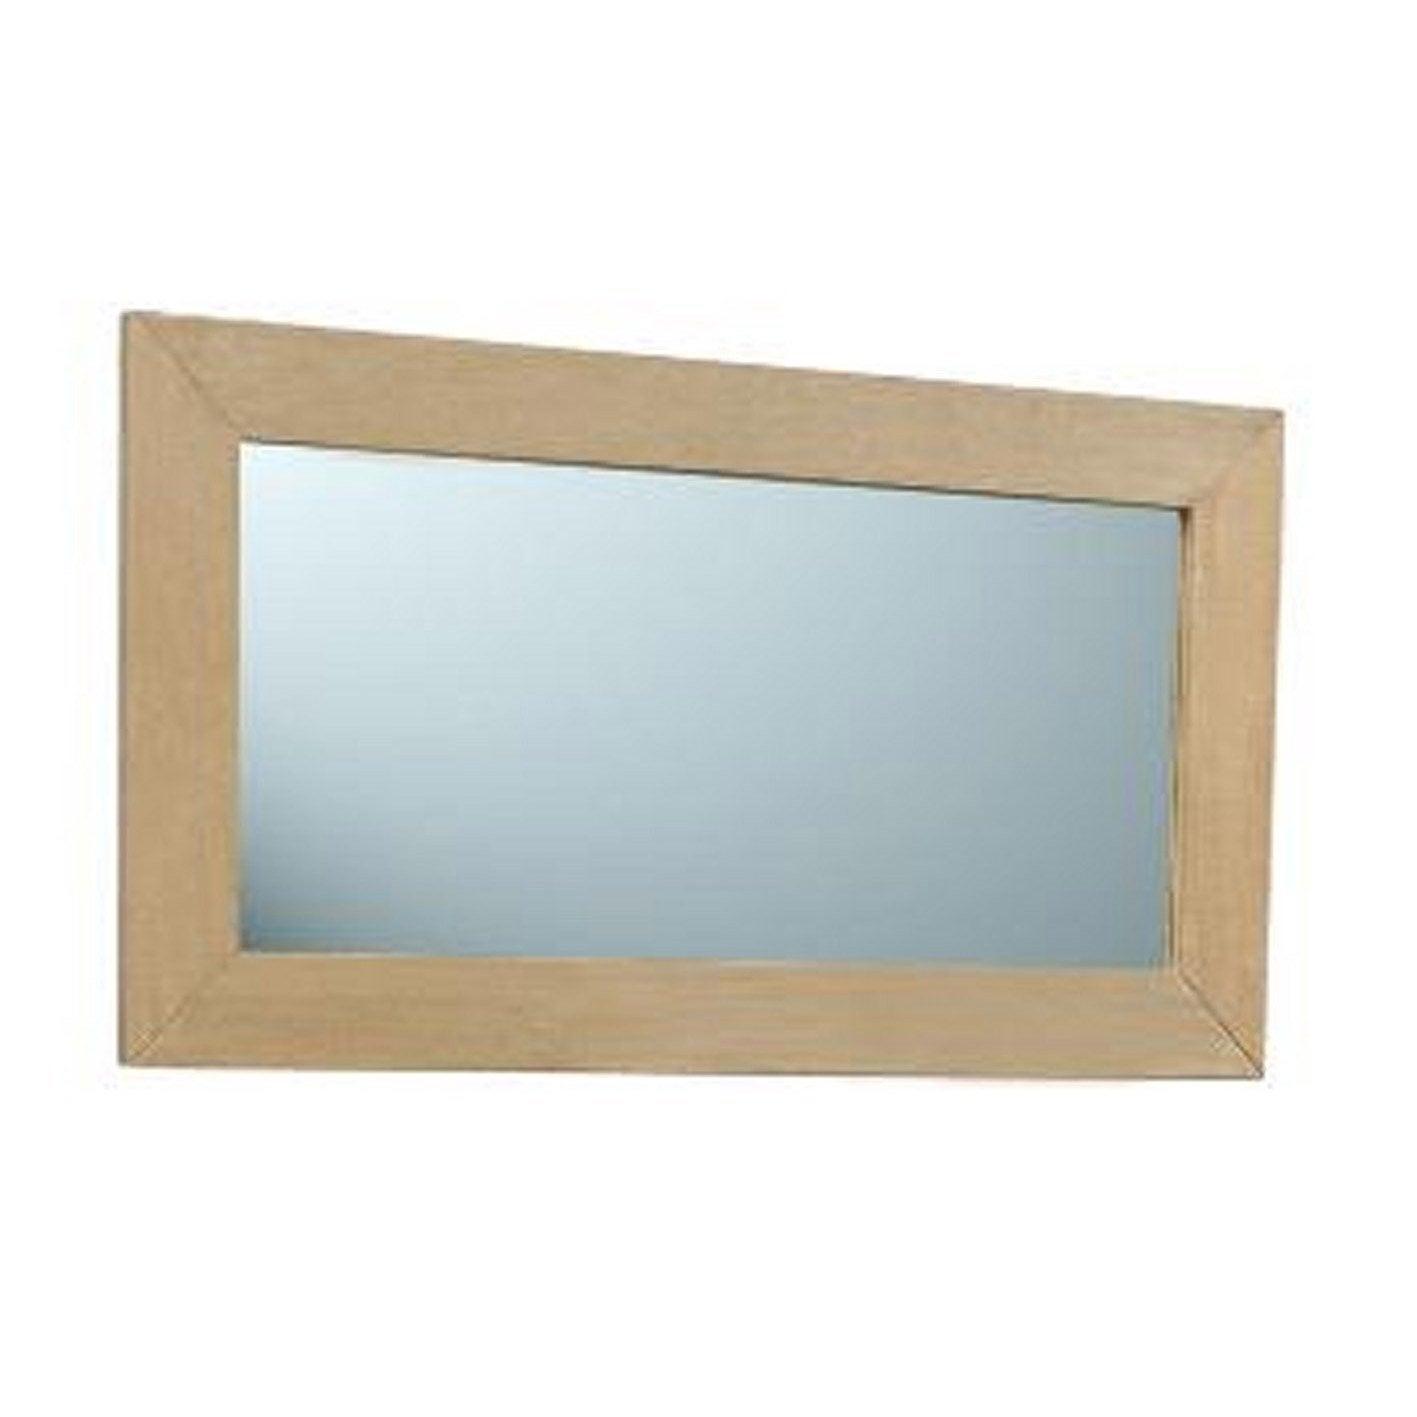 Miroir rectangulaire, l.50 x H.90 cm